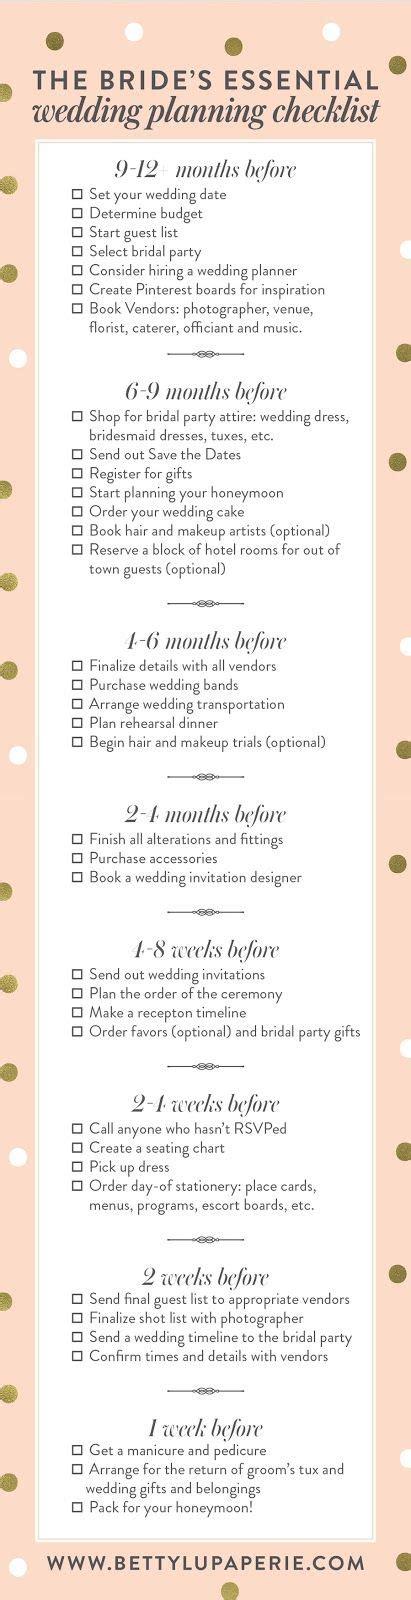 wedding checklist essentials wedding planning checklist best photos essentials dj and